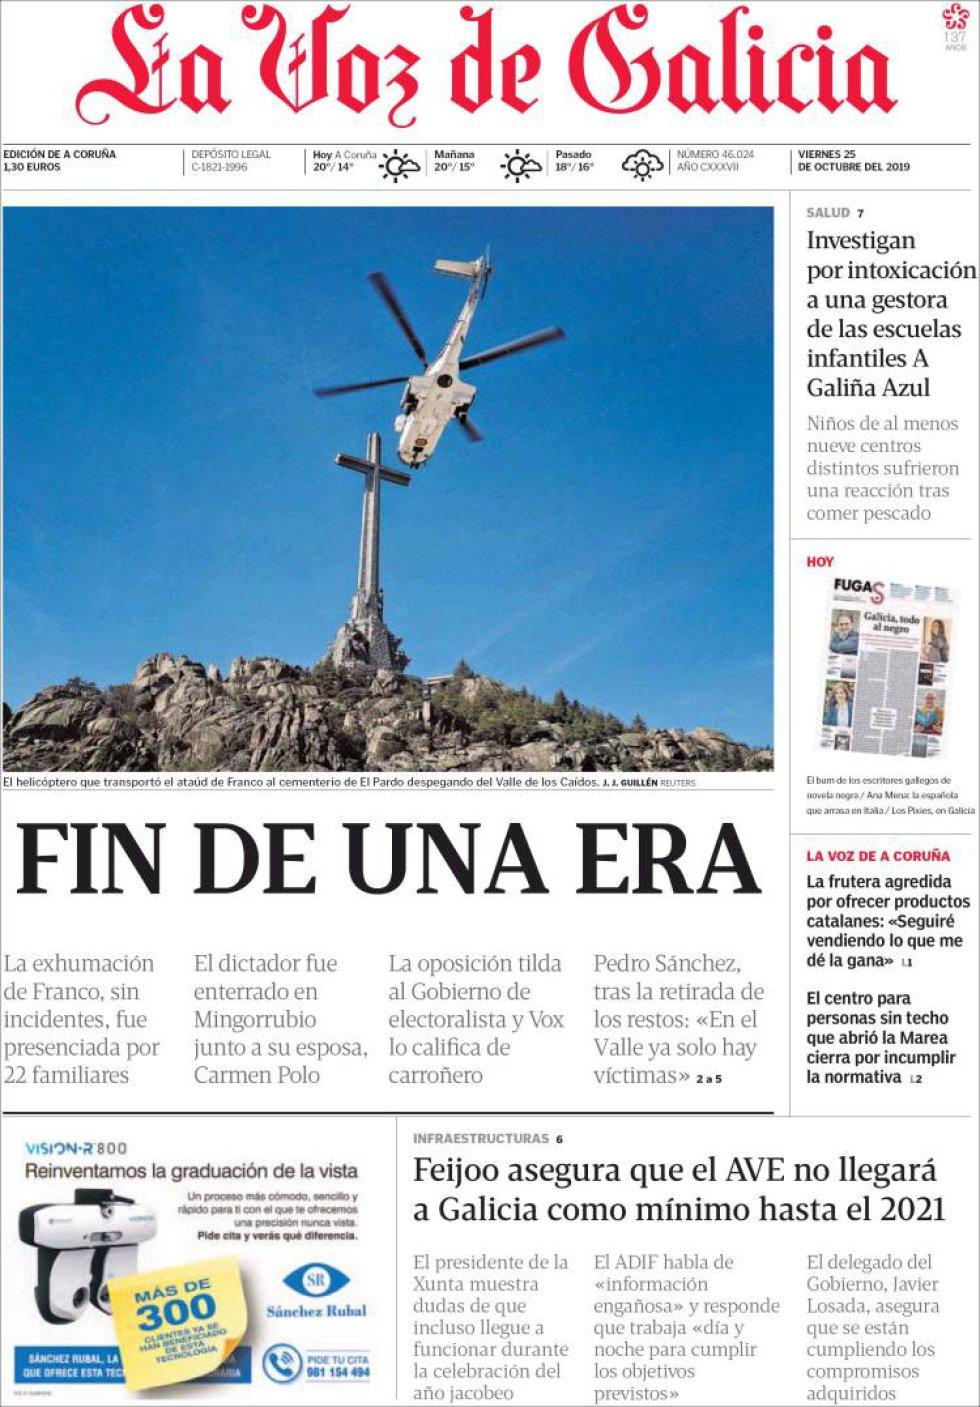 La exhumación de Franco, en las portadas de los periódicos